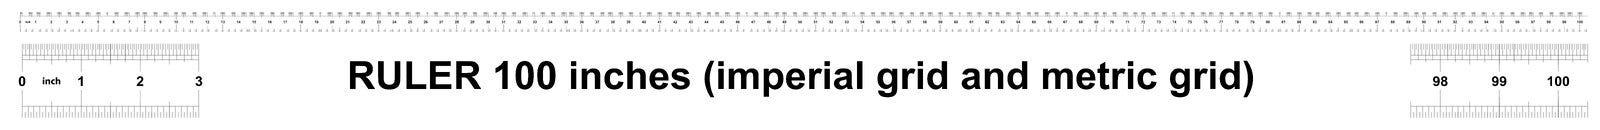 Heerser 100 duim keizer Metrische heerser 160 duim Nauwkeurig metend hulpmiddel Kaliberbepalingsnet royalty-vrije illustratie